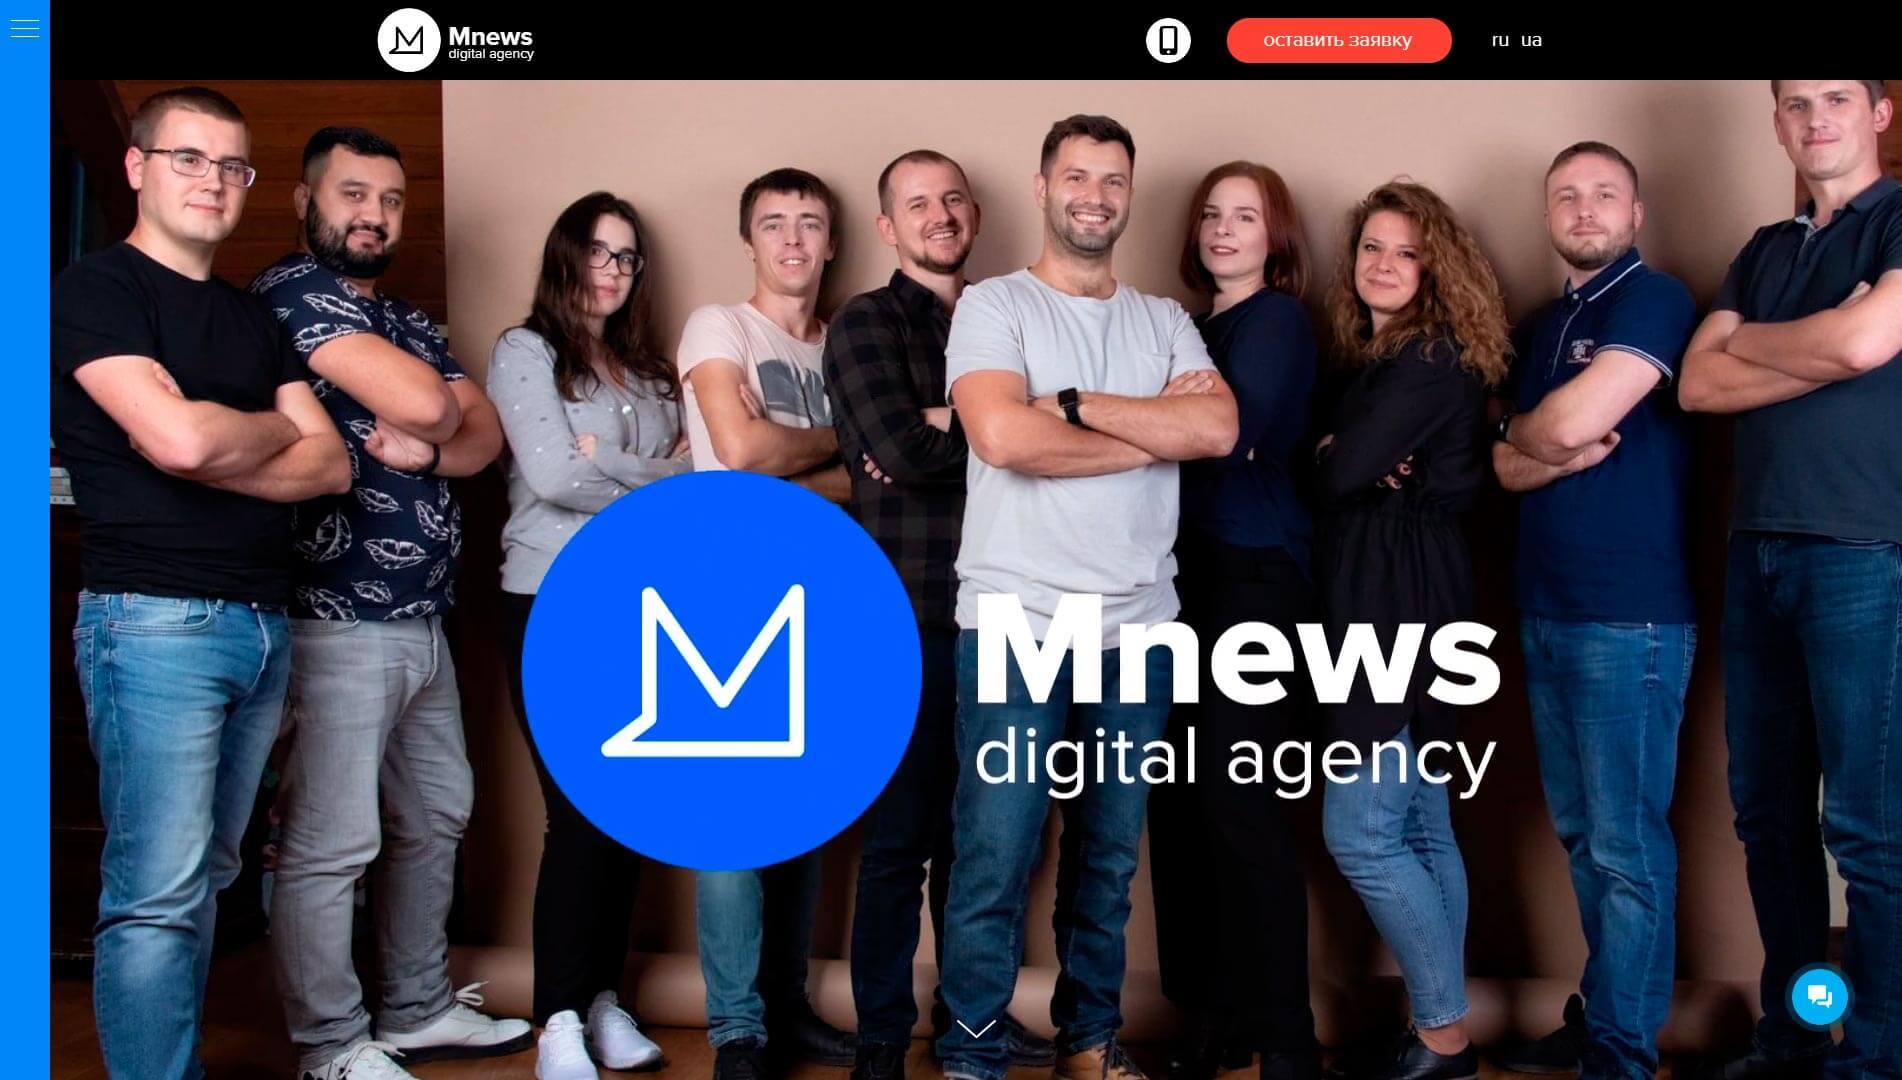 Mnews.agency - обзор компании, услуги, отзывы, клиенты, Фото № 1 - google-seo.pro